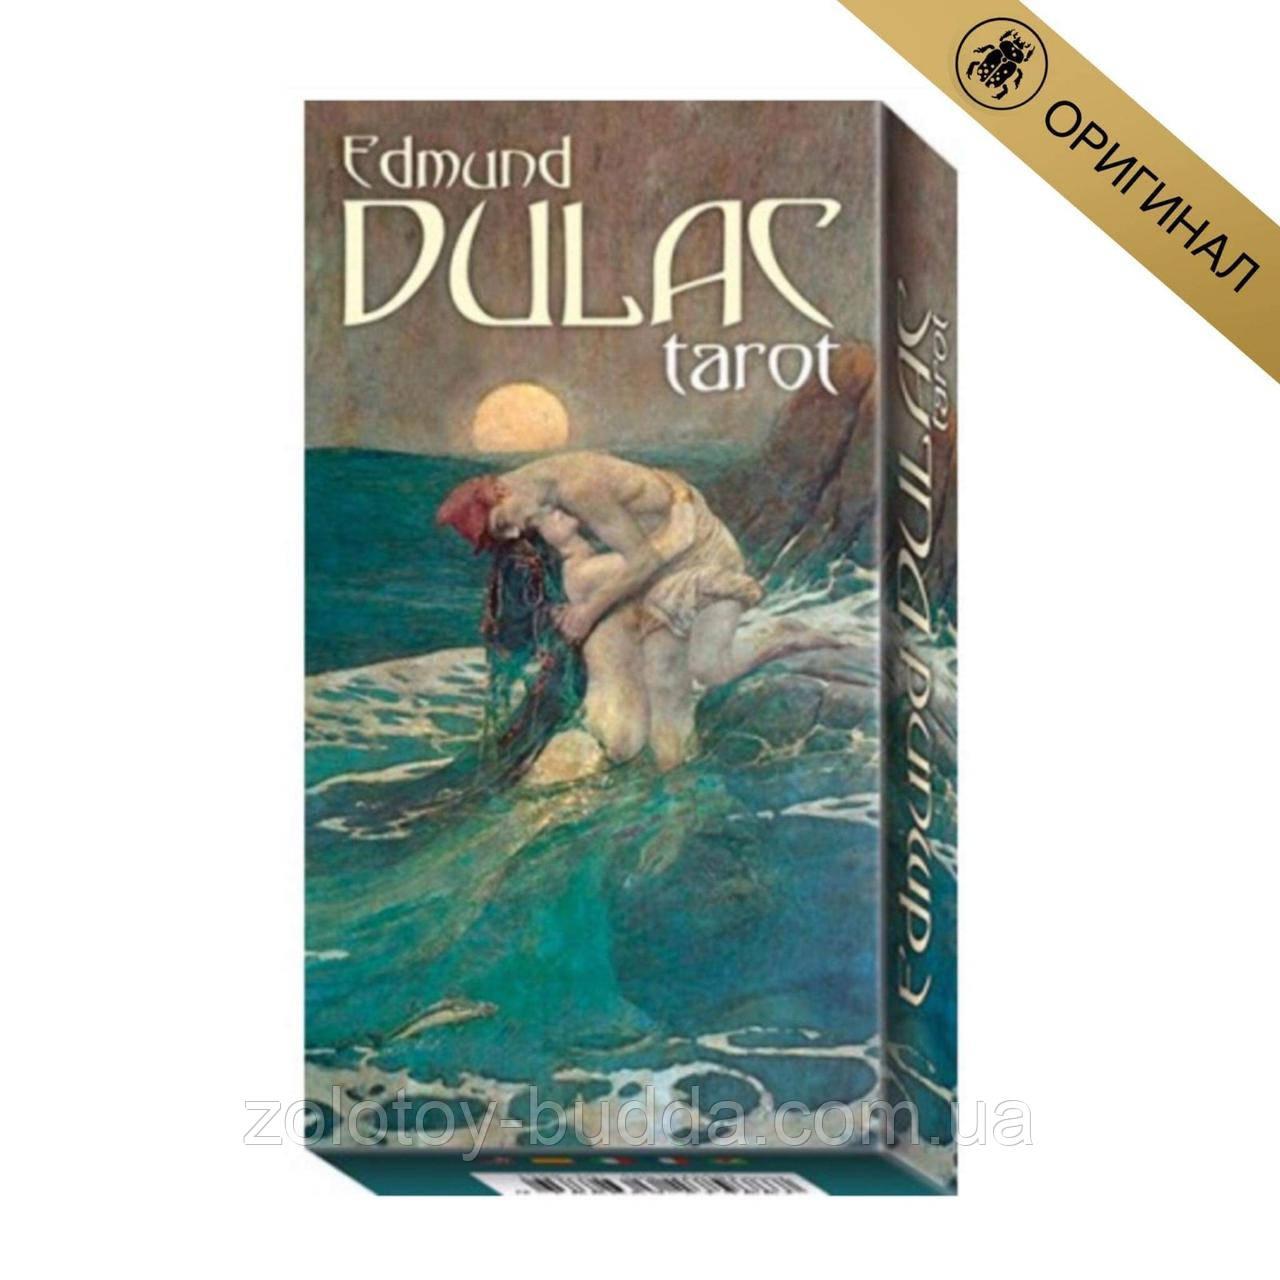 Edmund Dulac tarot original